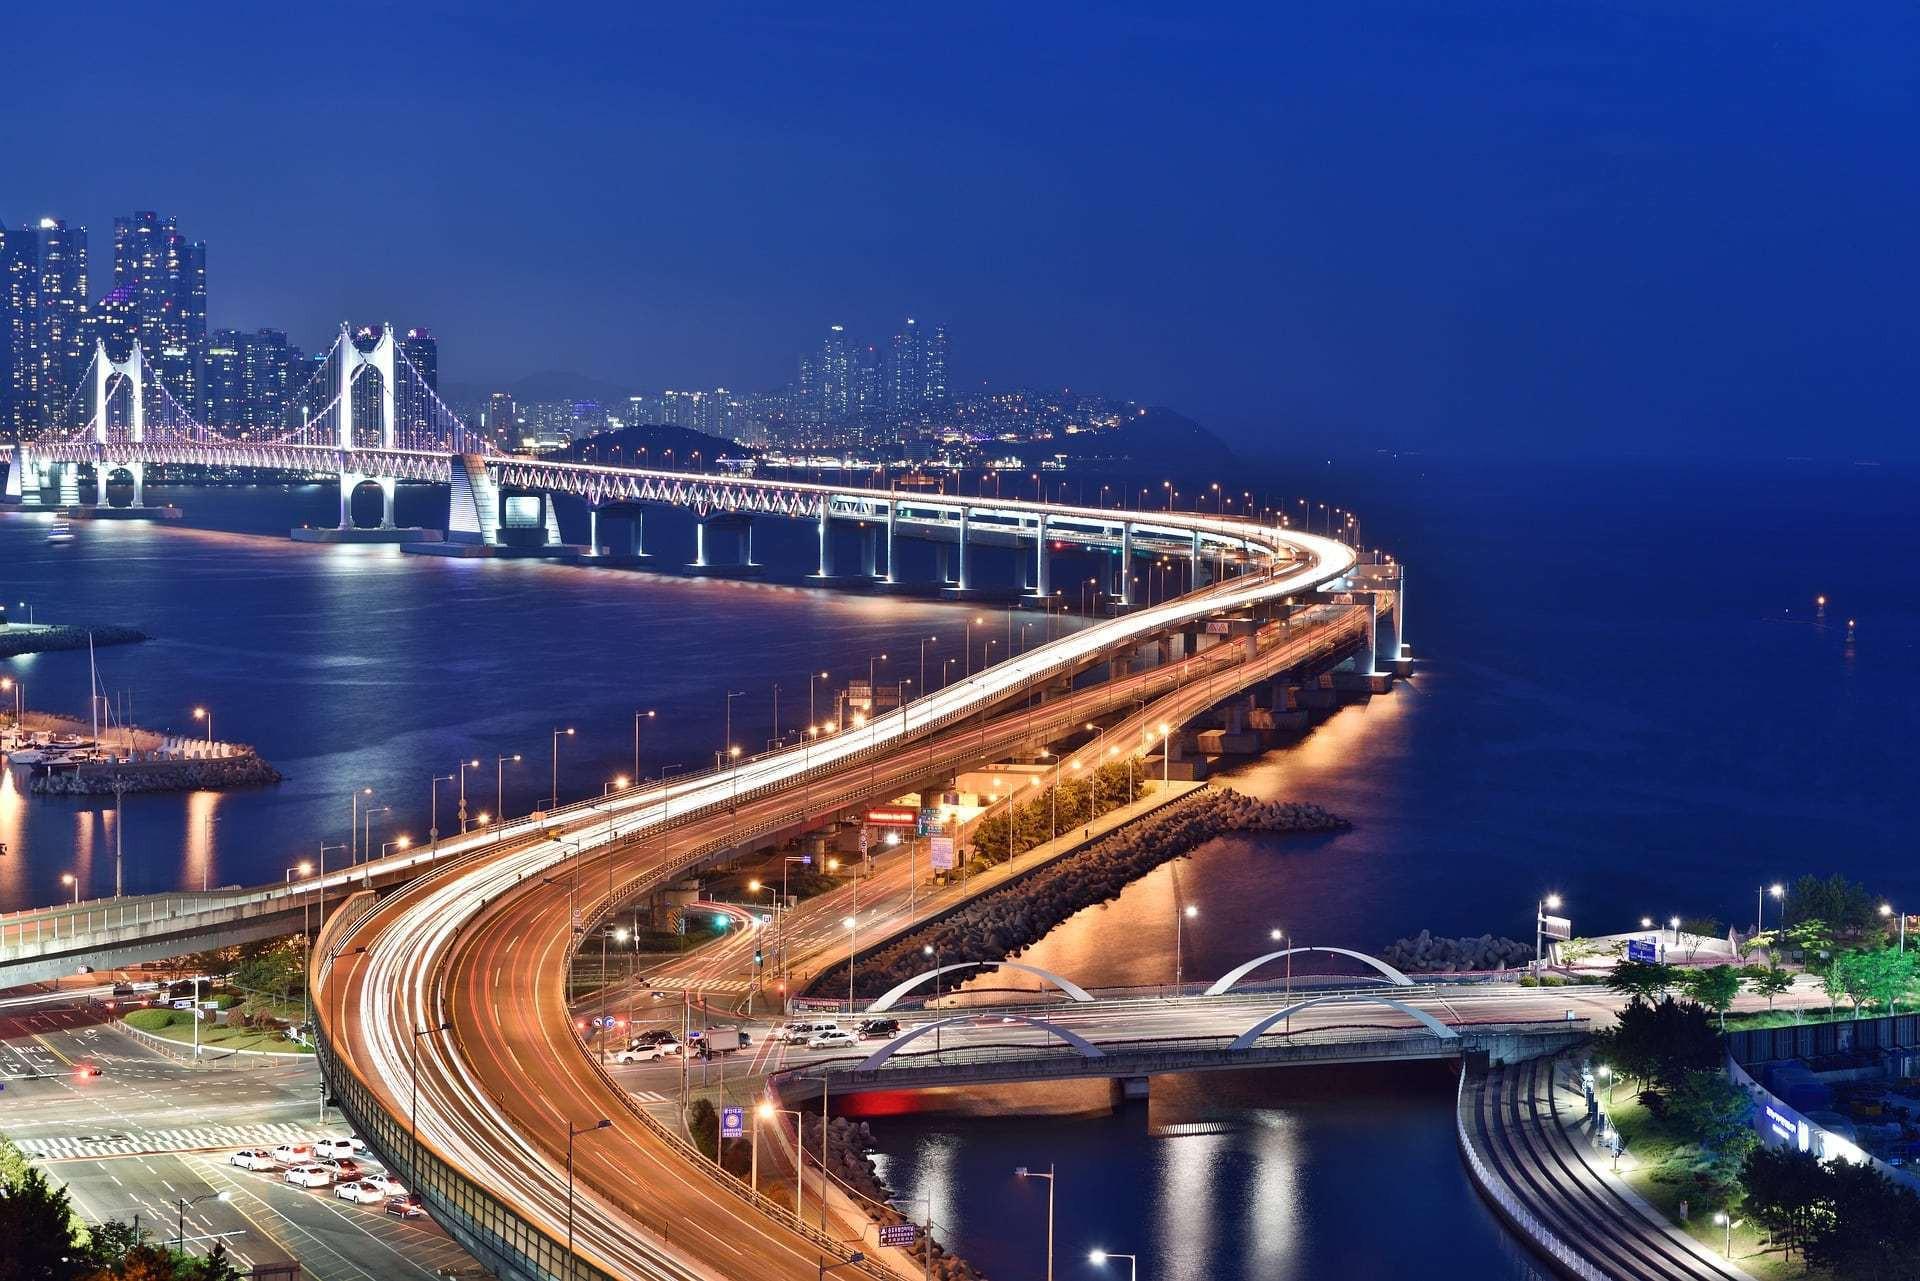 9 điểm du lịch hấp dẫn tại Busan bạn nhất định phải đến - ảnh 3